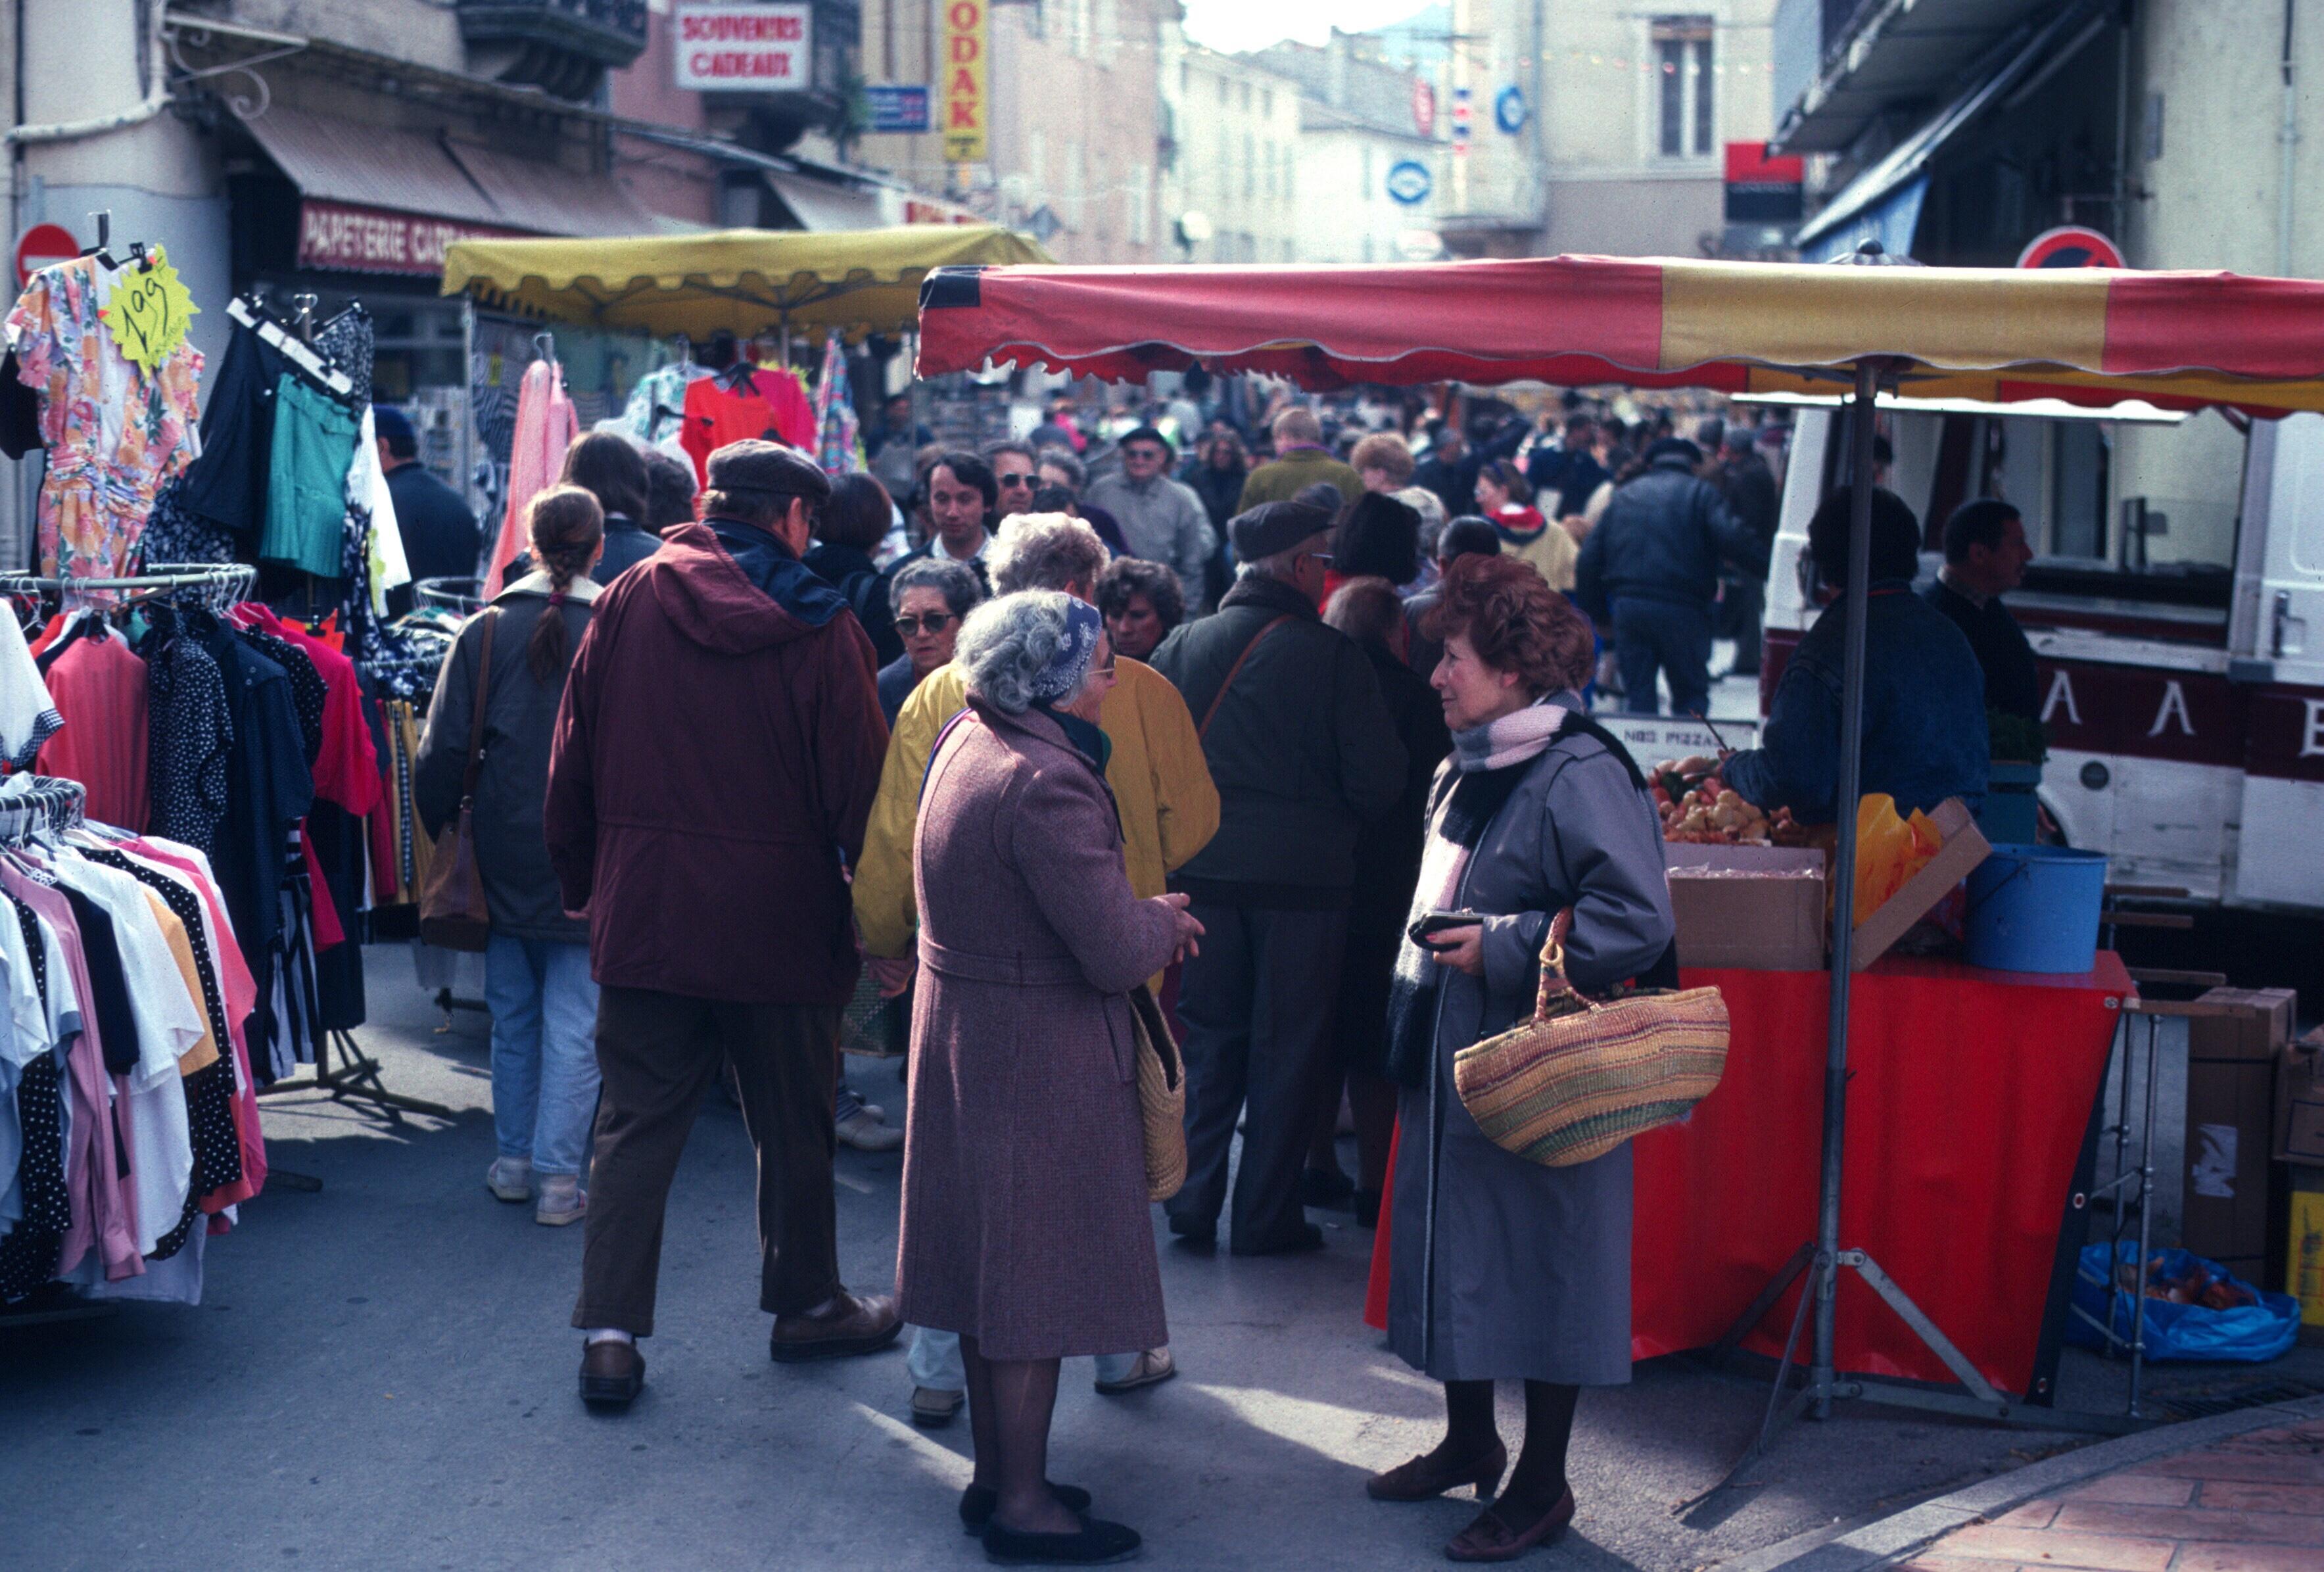 france vaison la romaine market